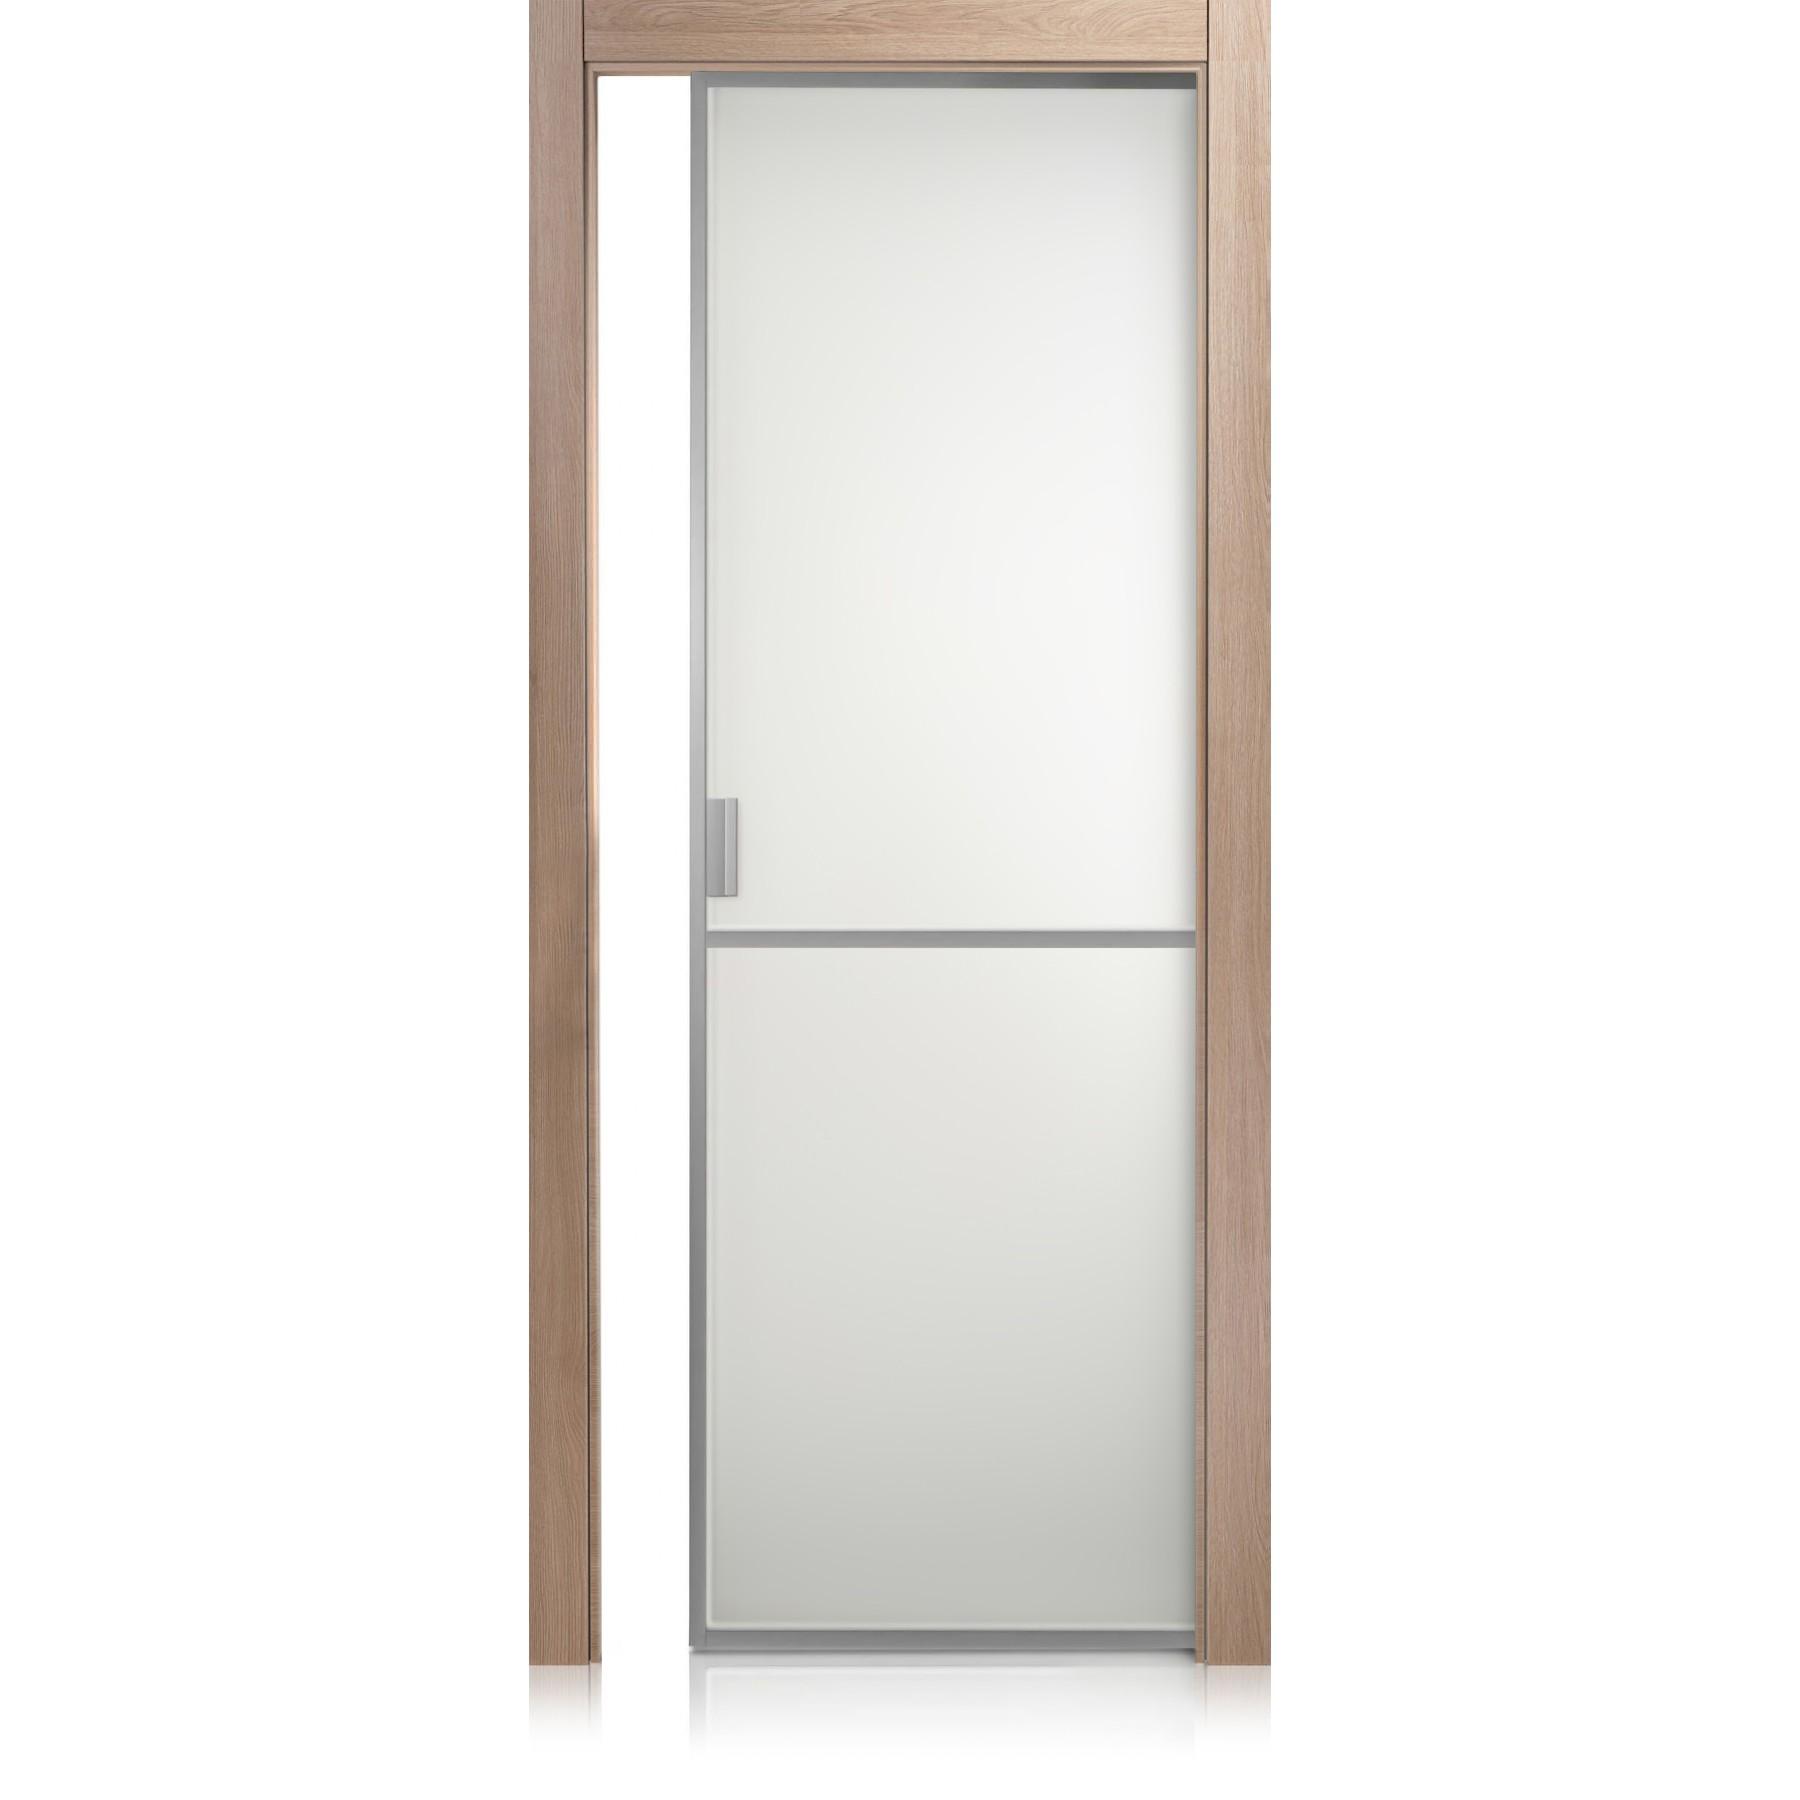 Tür Cristal Frame / 1 Glas Zweifarbig (in verschiedenen Farben erhältlich)